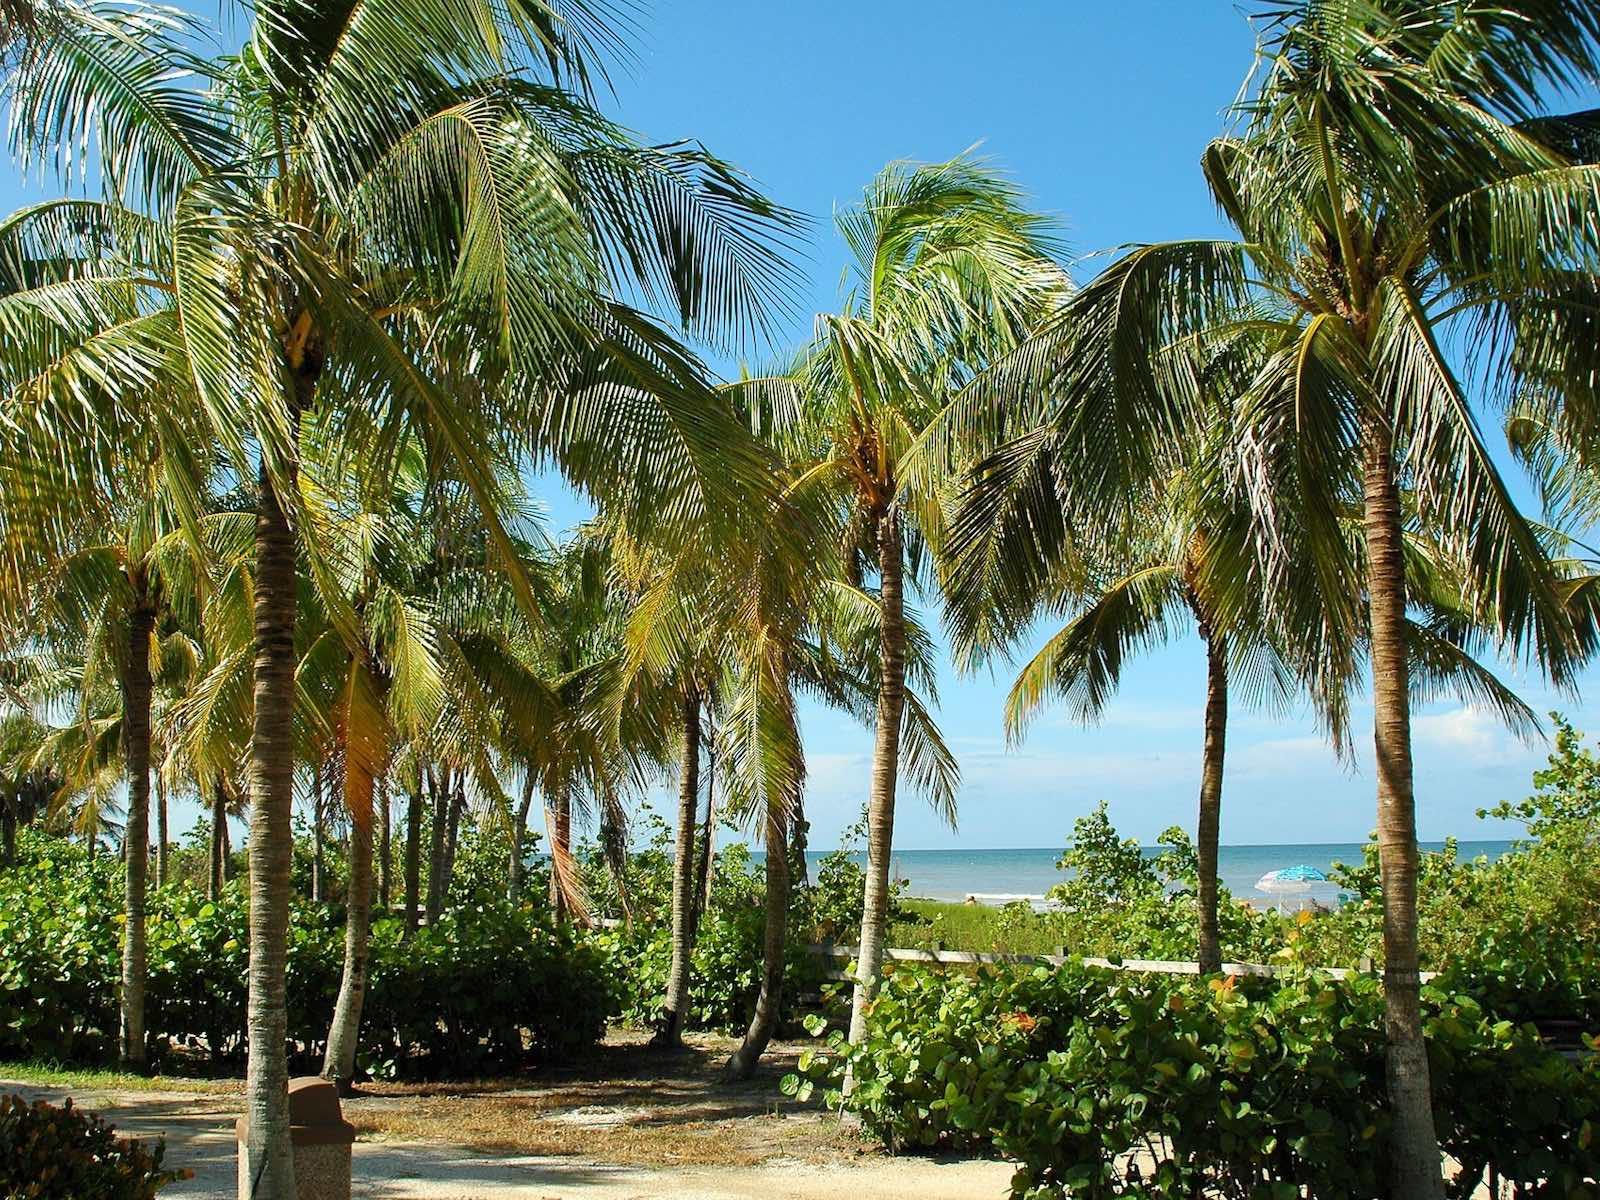 eilandhoppen op de Florida Keys